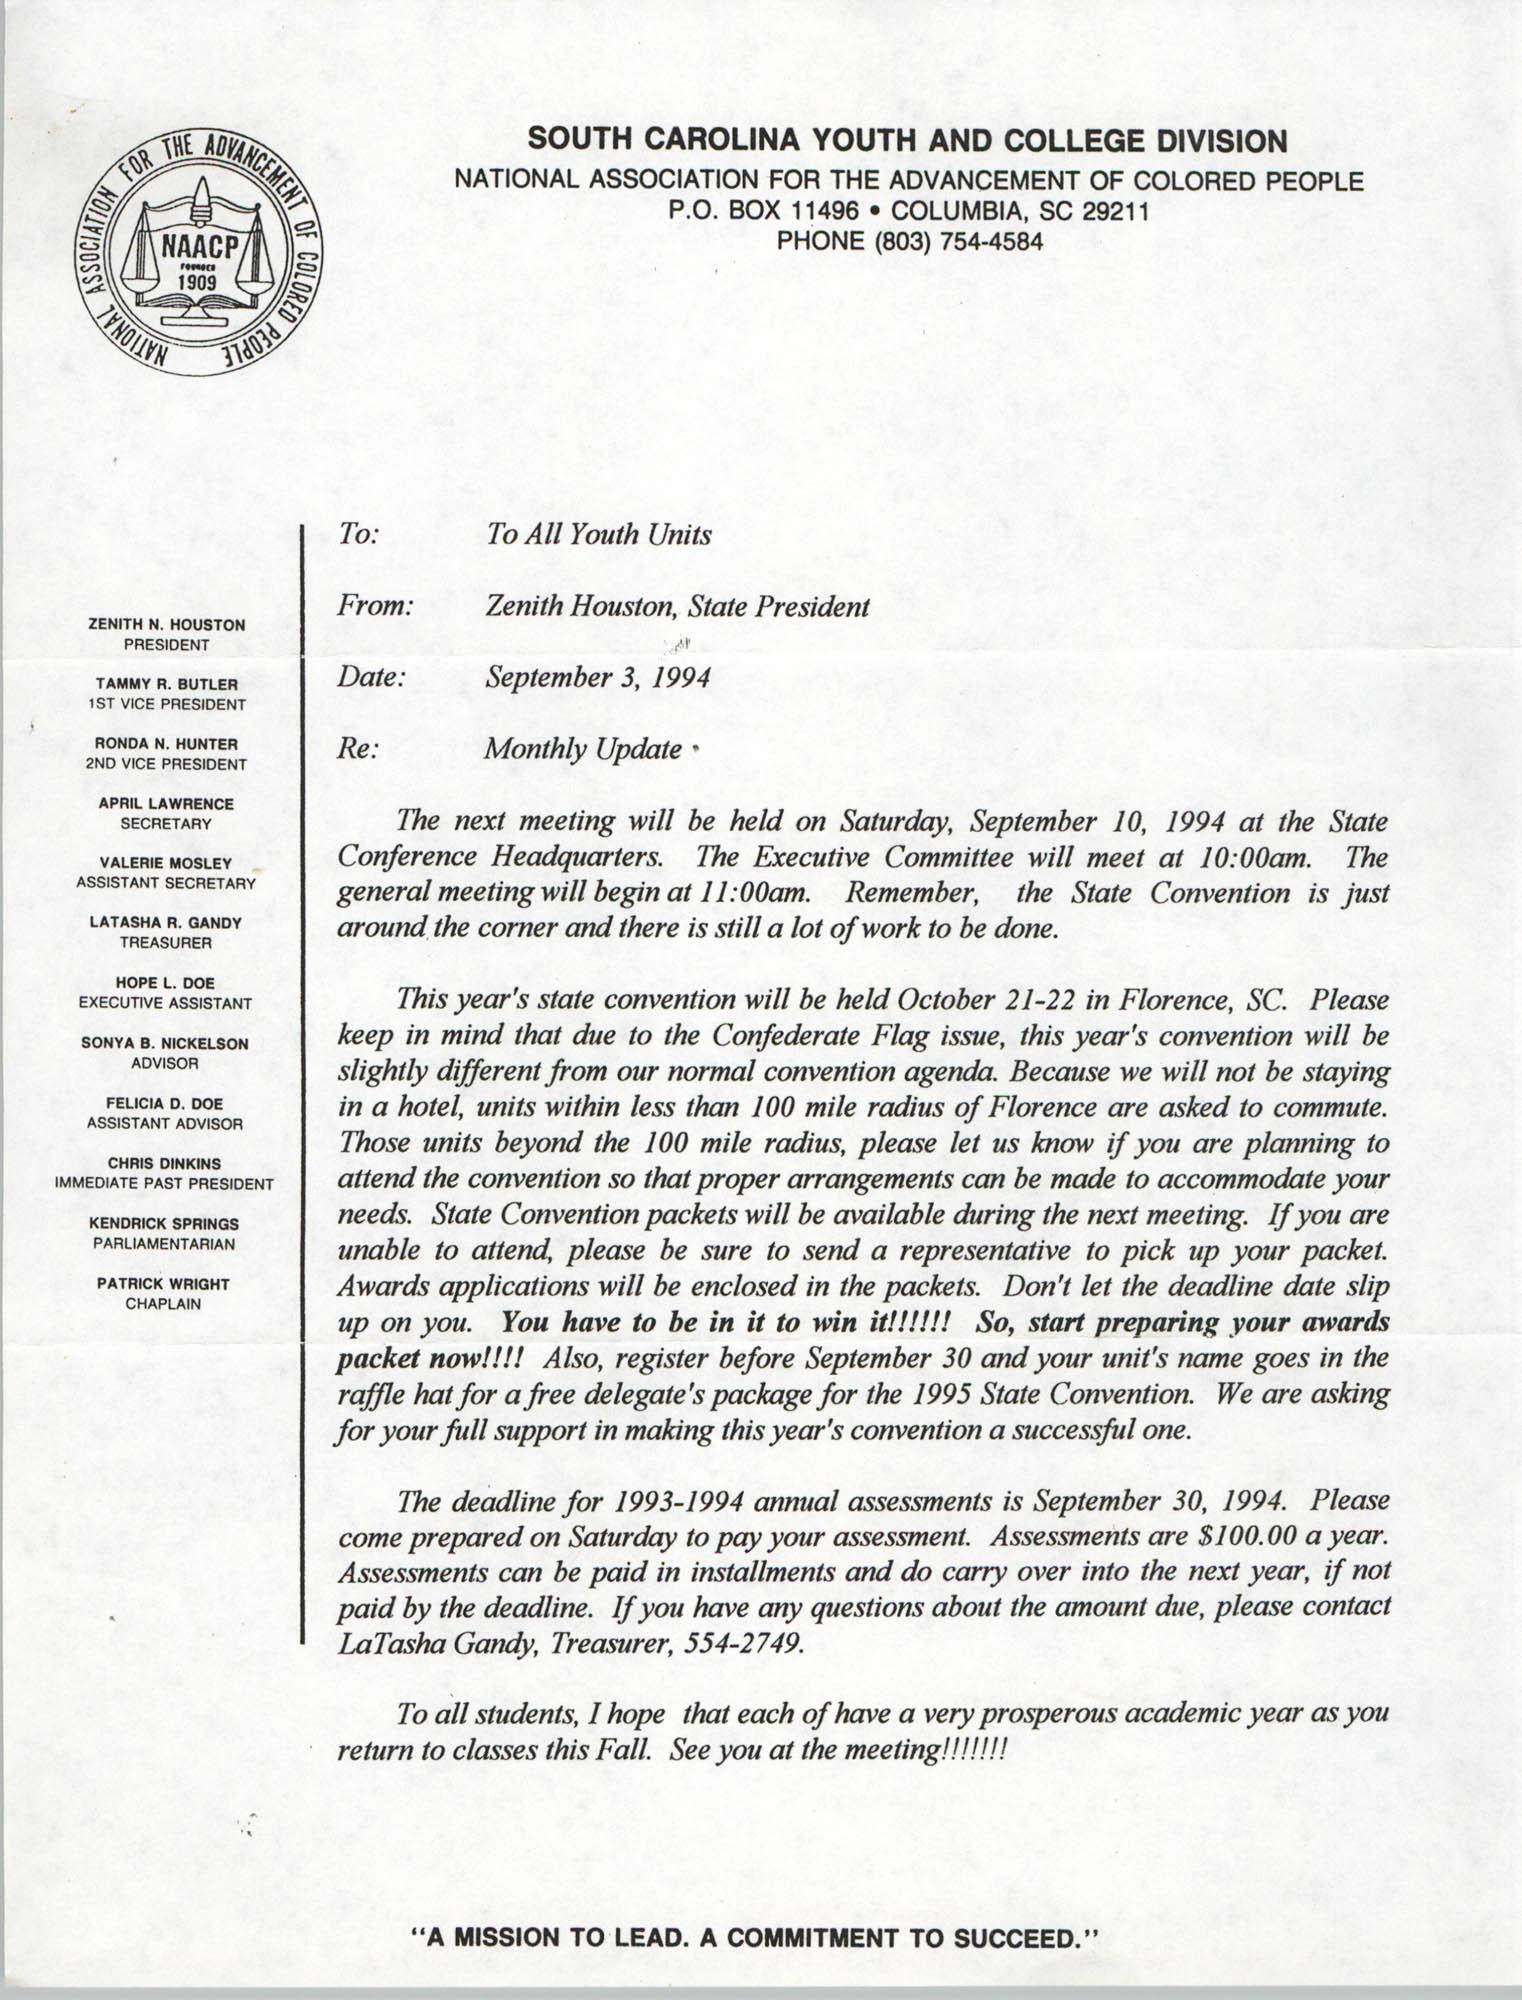 Memorandum, Zenith Houston, September 3, 1994